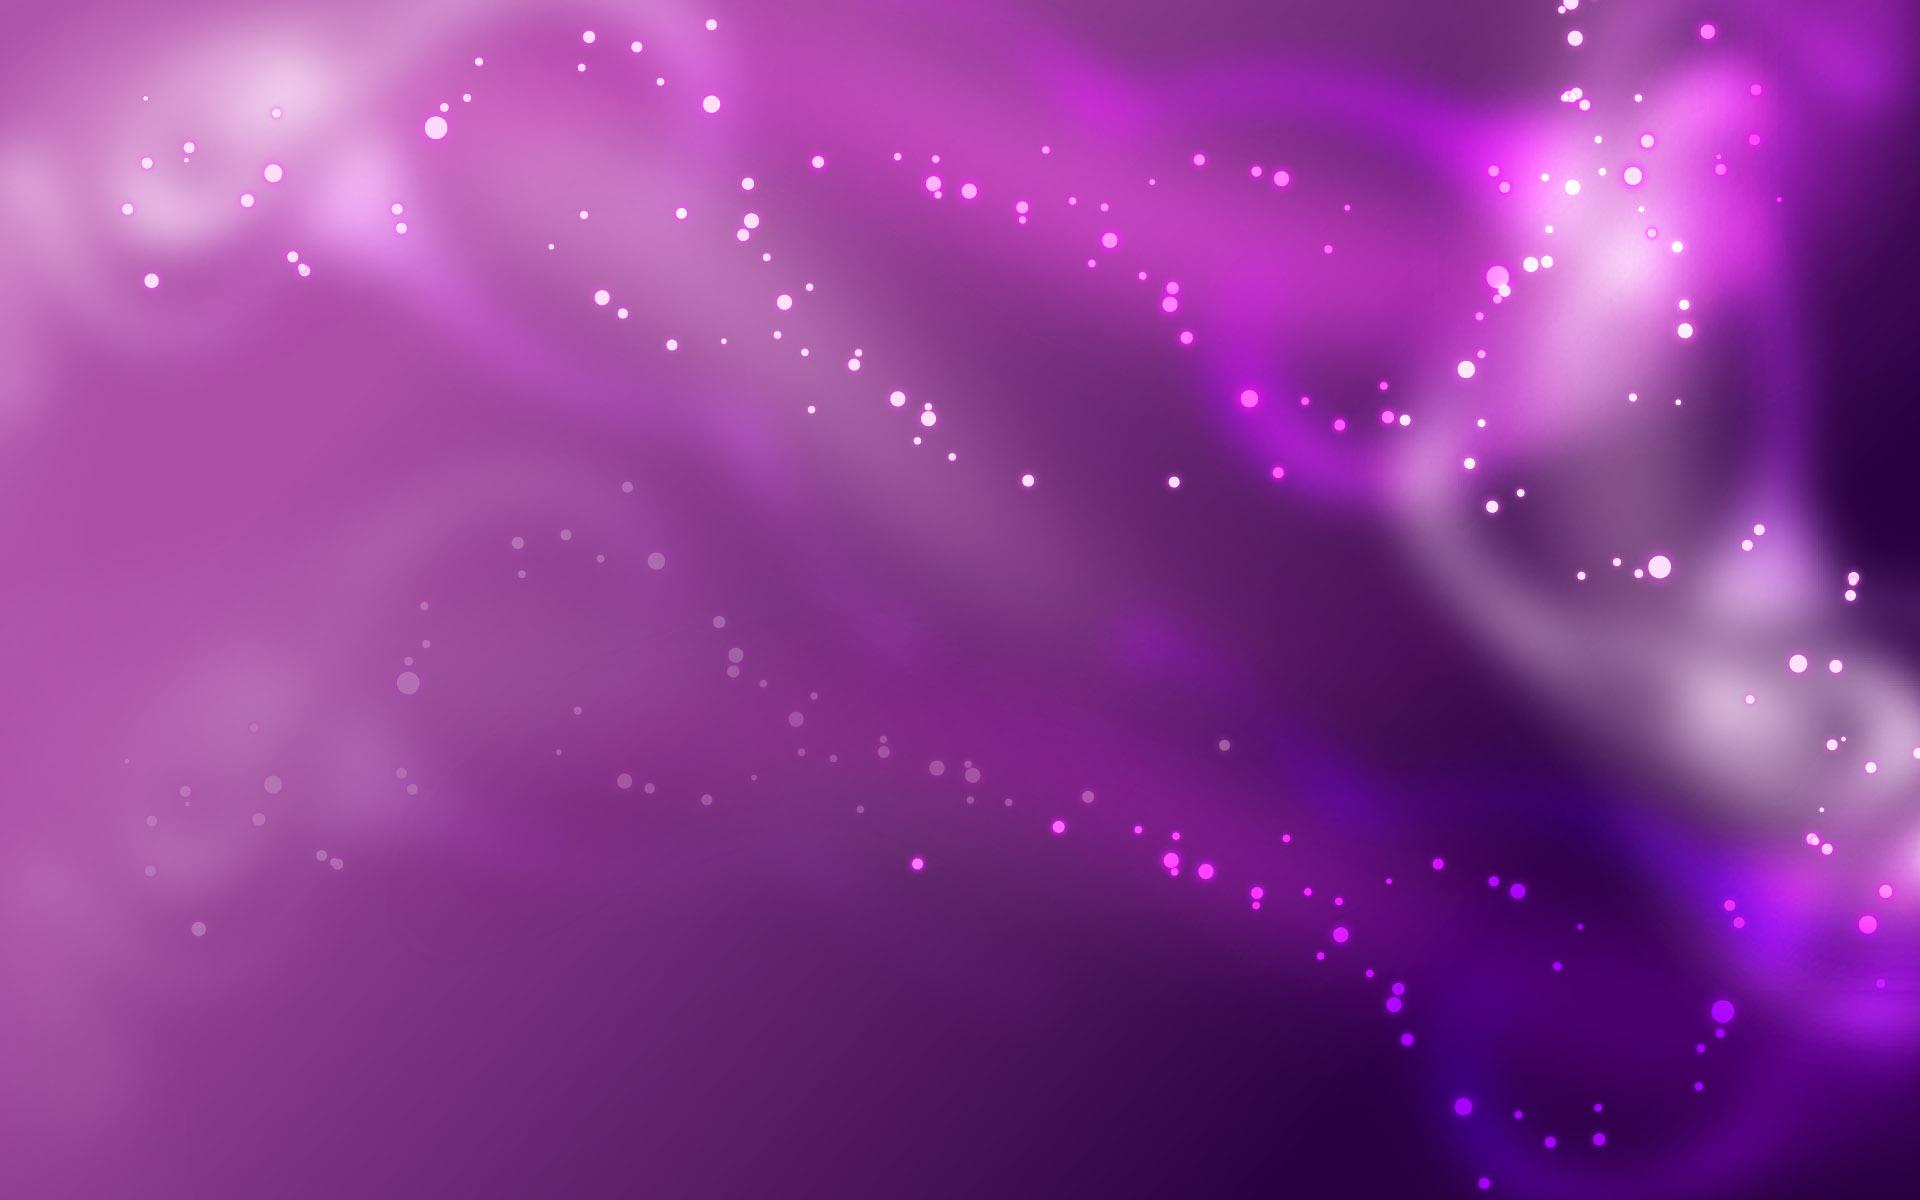 purple wallpapers purple wallpapers 1920x1200